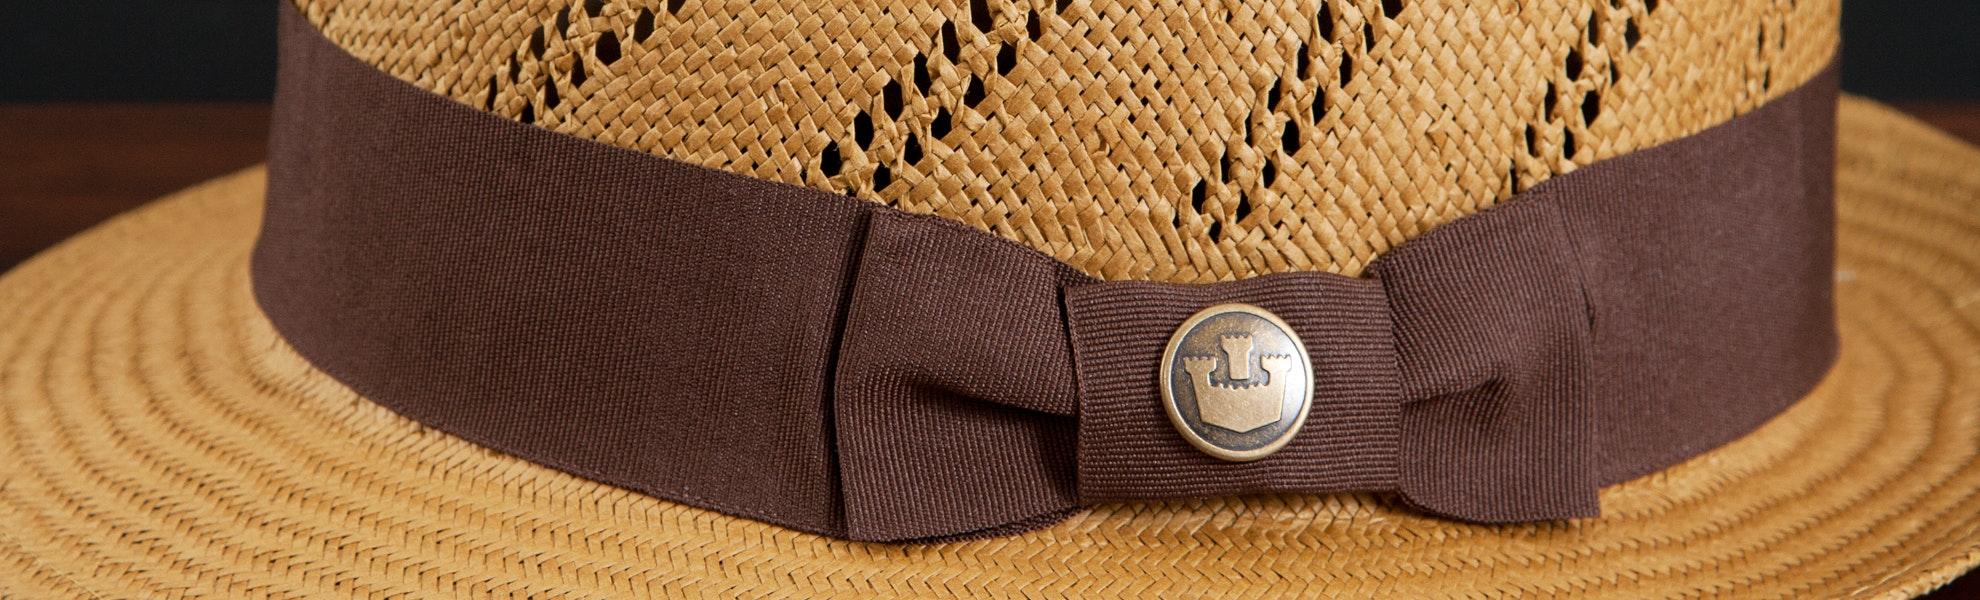 Goorin Bros. Summer Hats